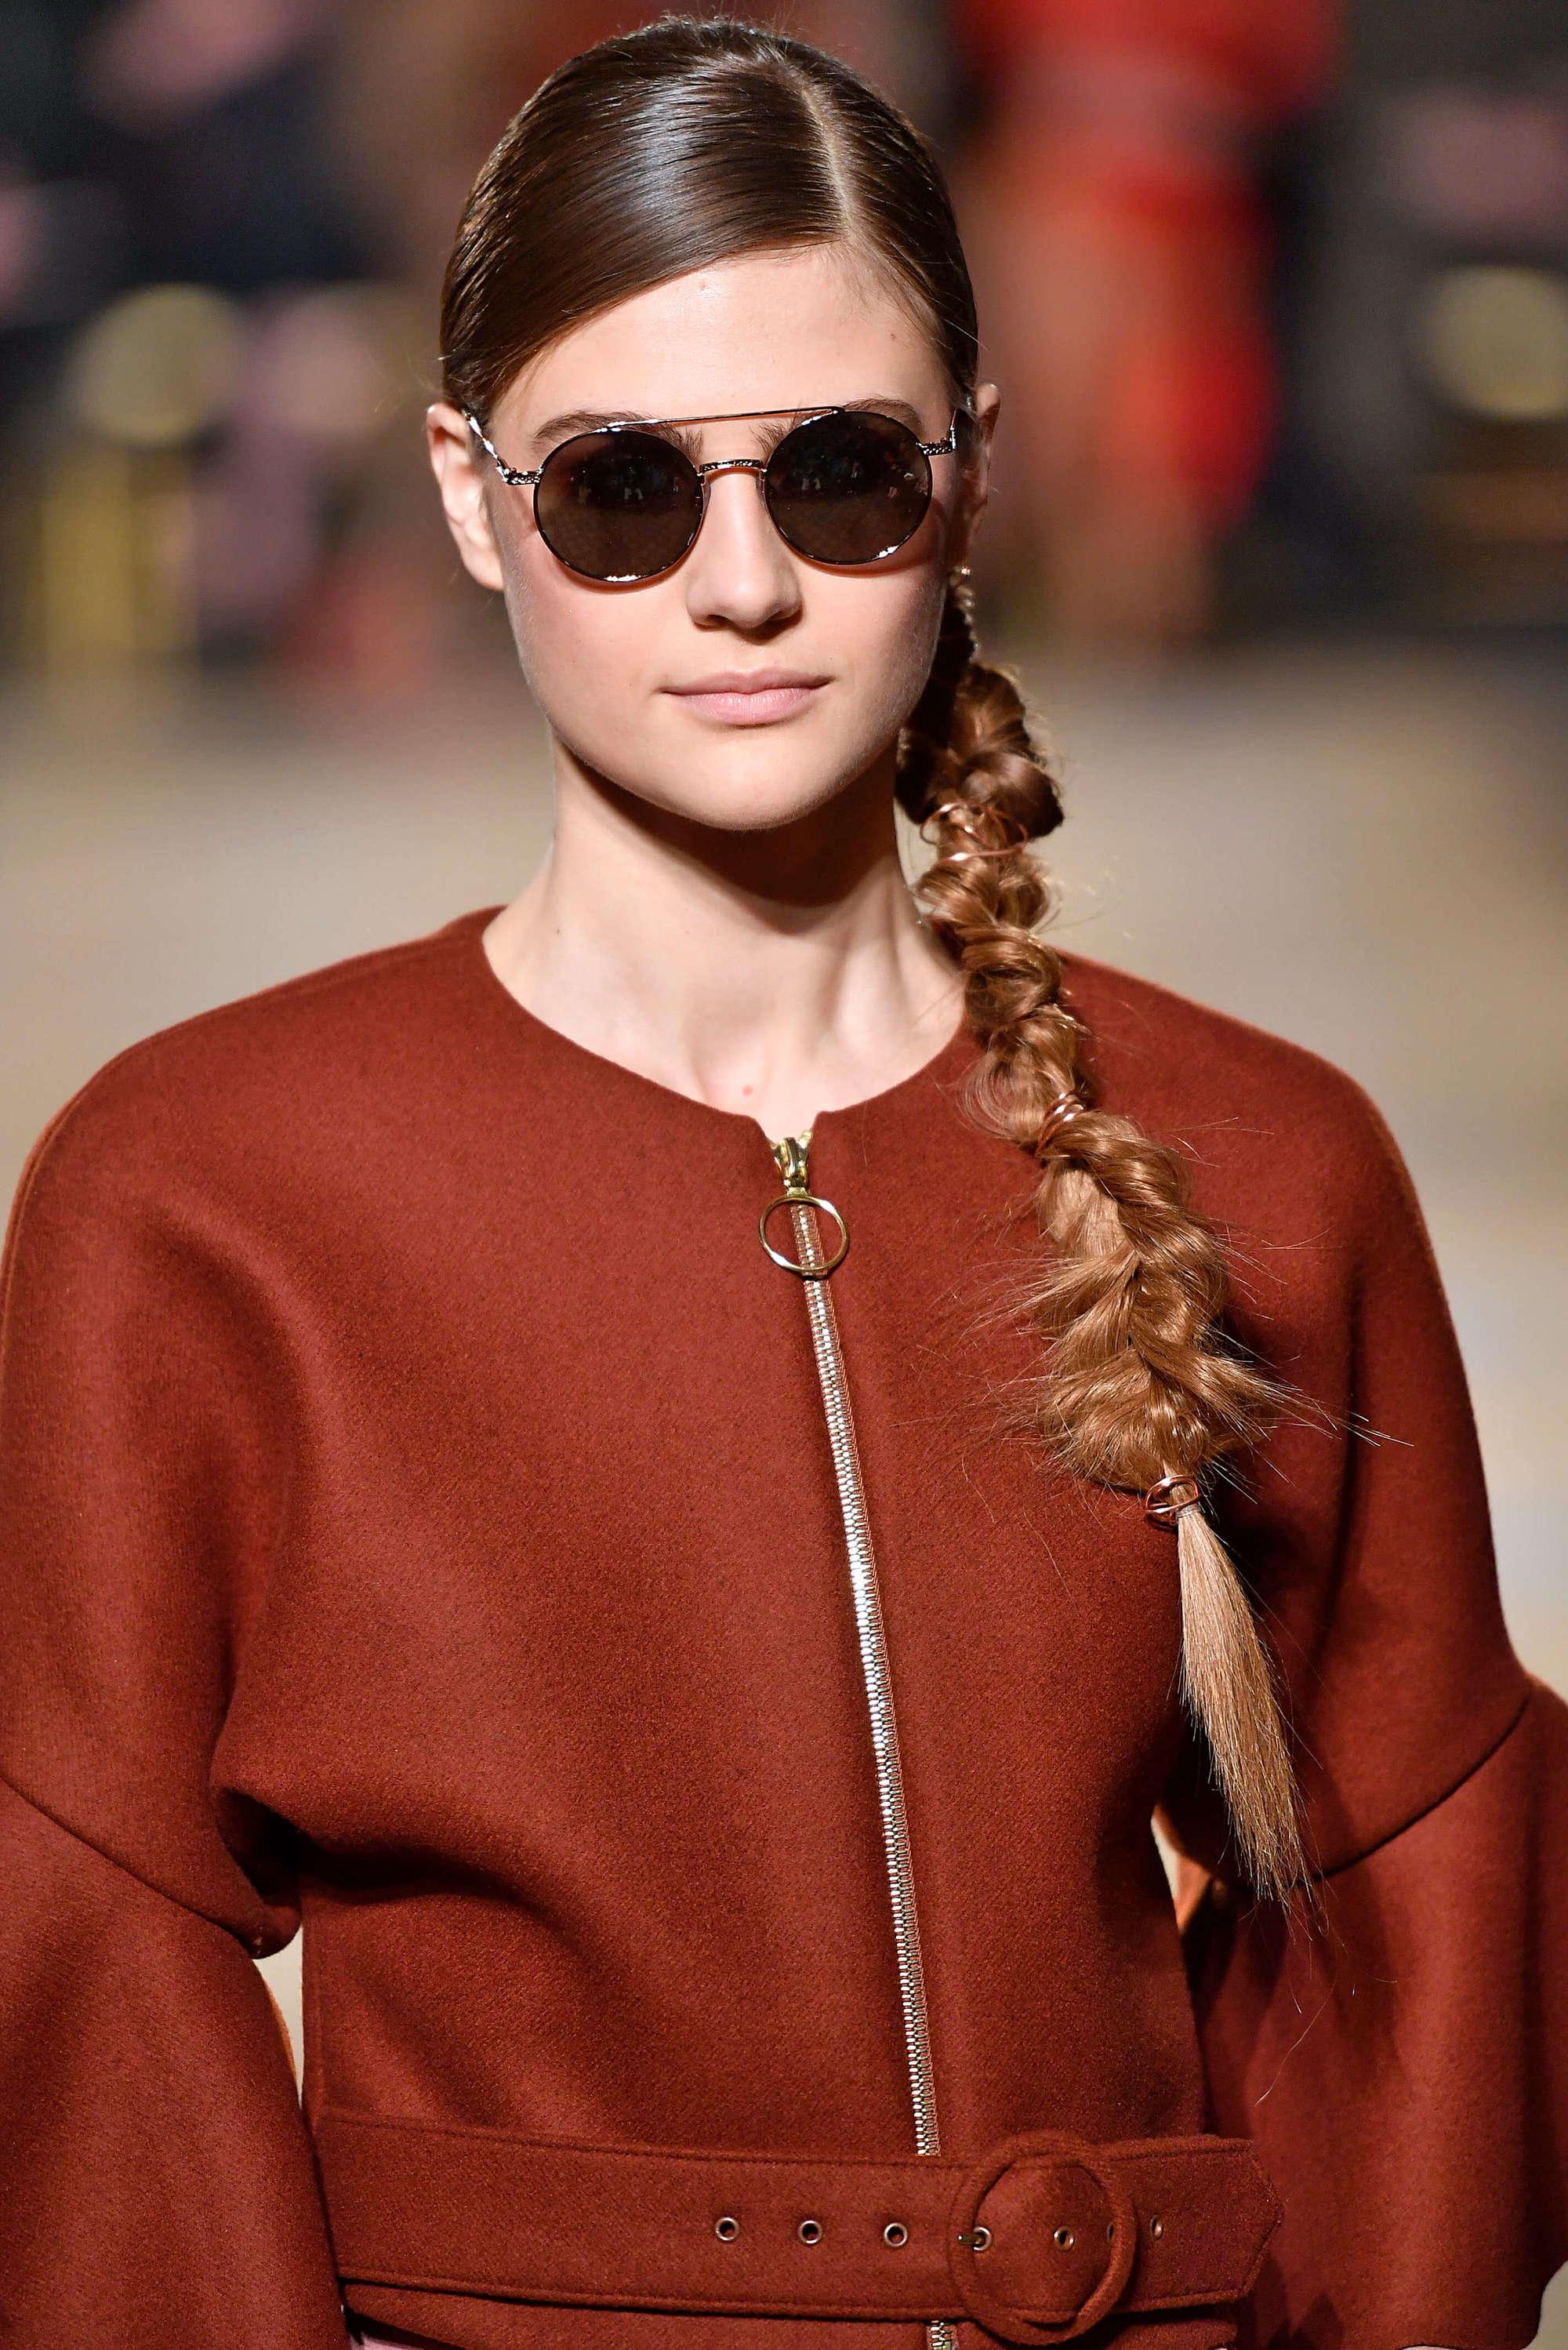 Cute Braid Styles 10 Super Pretty Pinterest Worthy Ideas